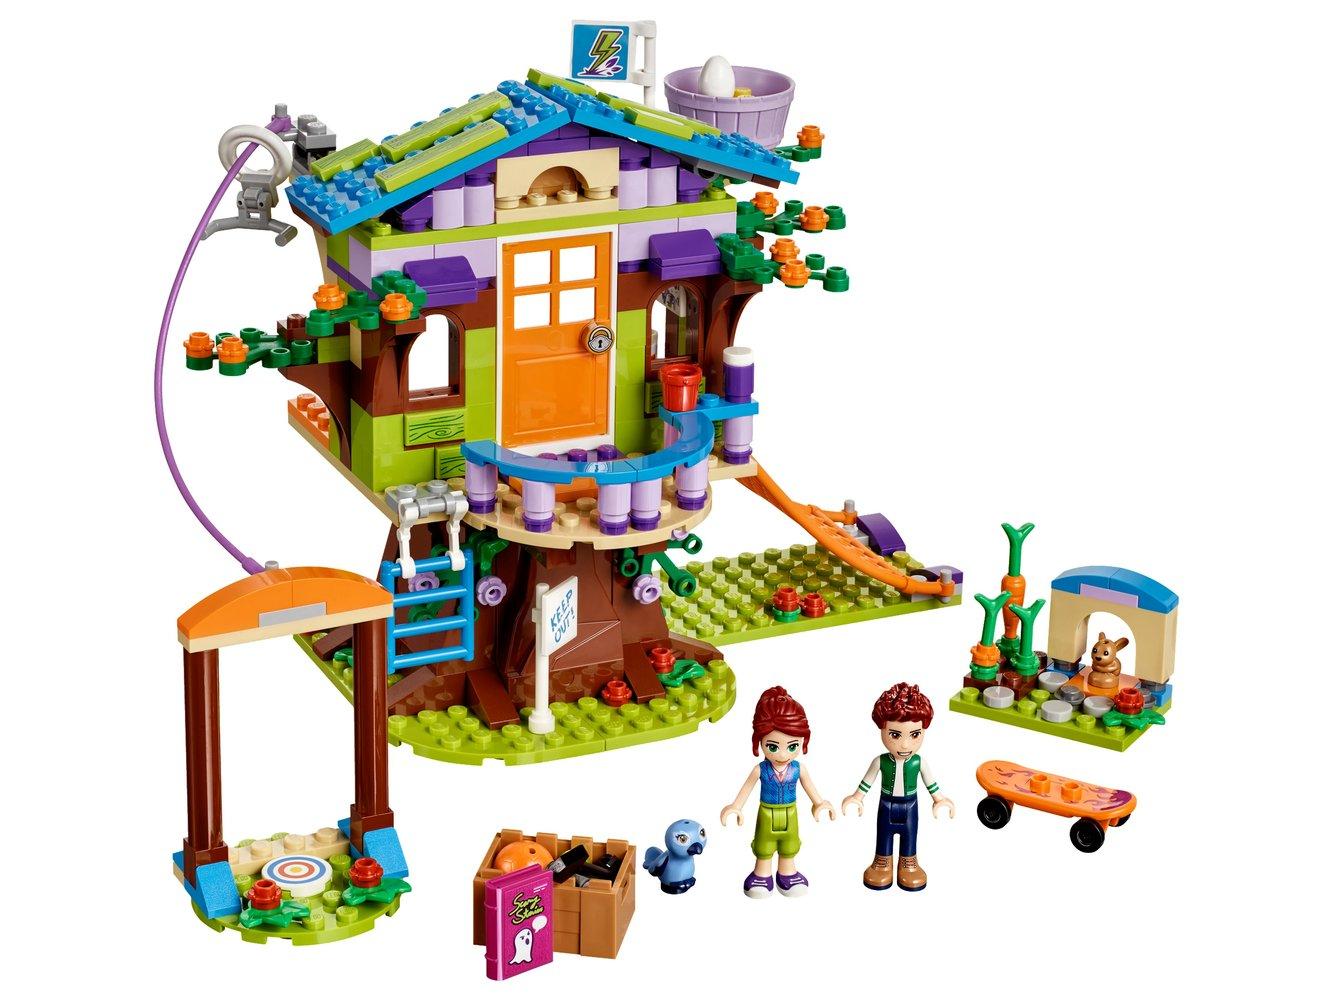 Mia's Tree House